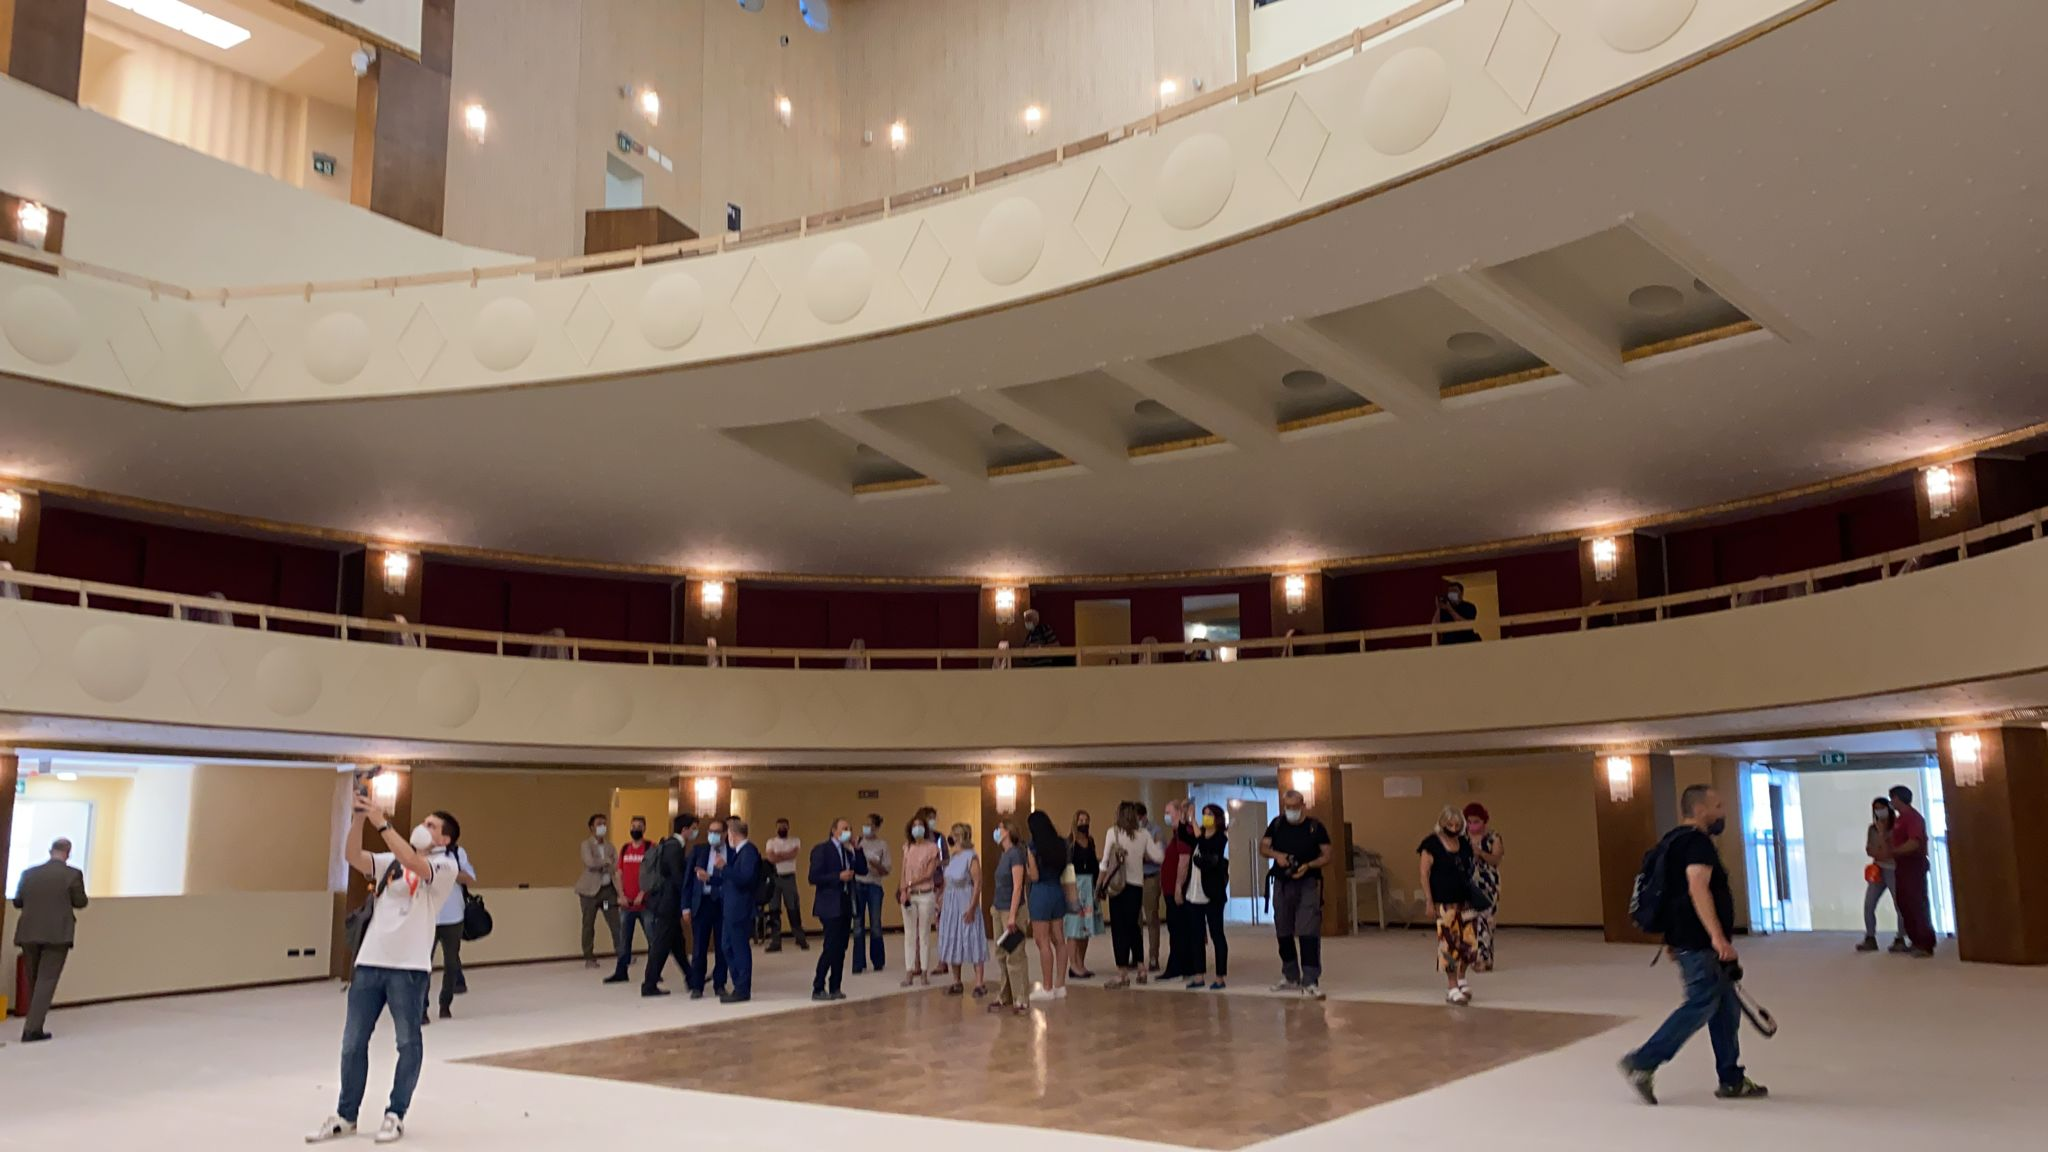 teatro-lirico,-completato-il-restauro,-da-ottobre-ospitera-spettacoli-con-capienza-fino-a-1500-posti.